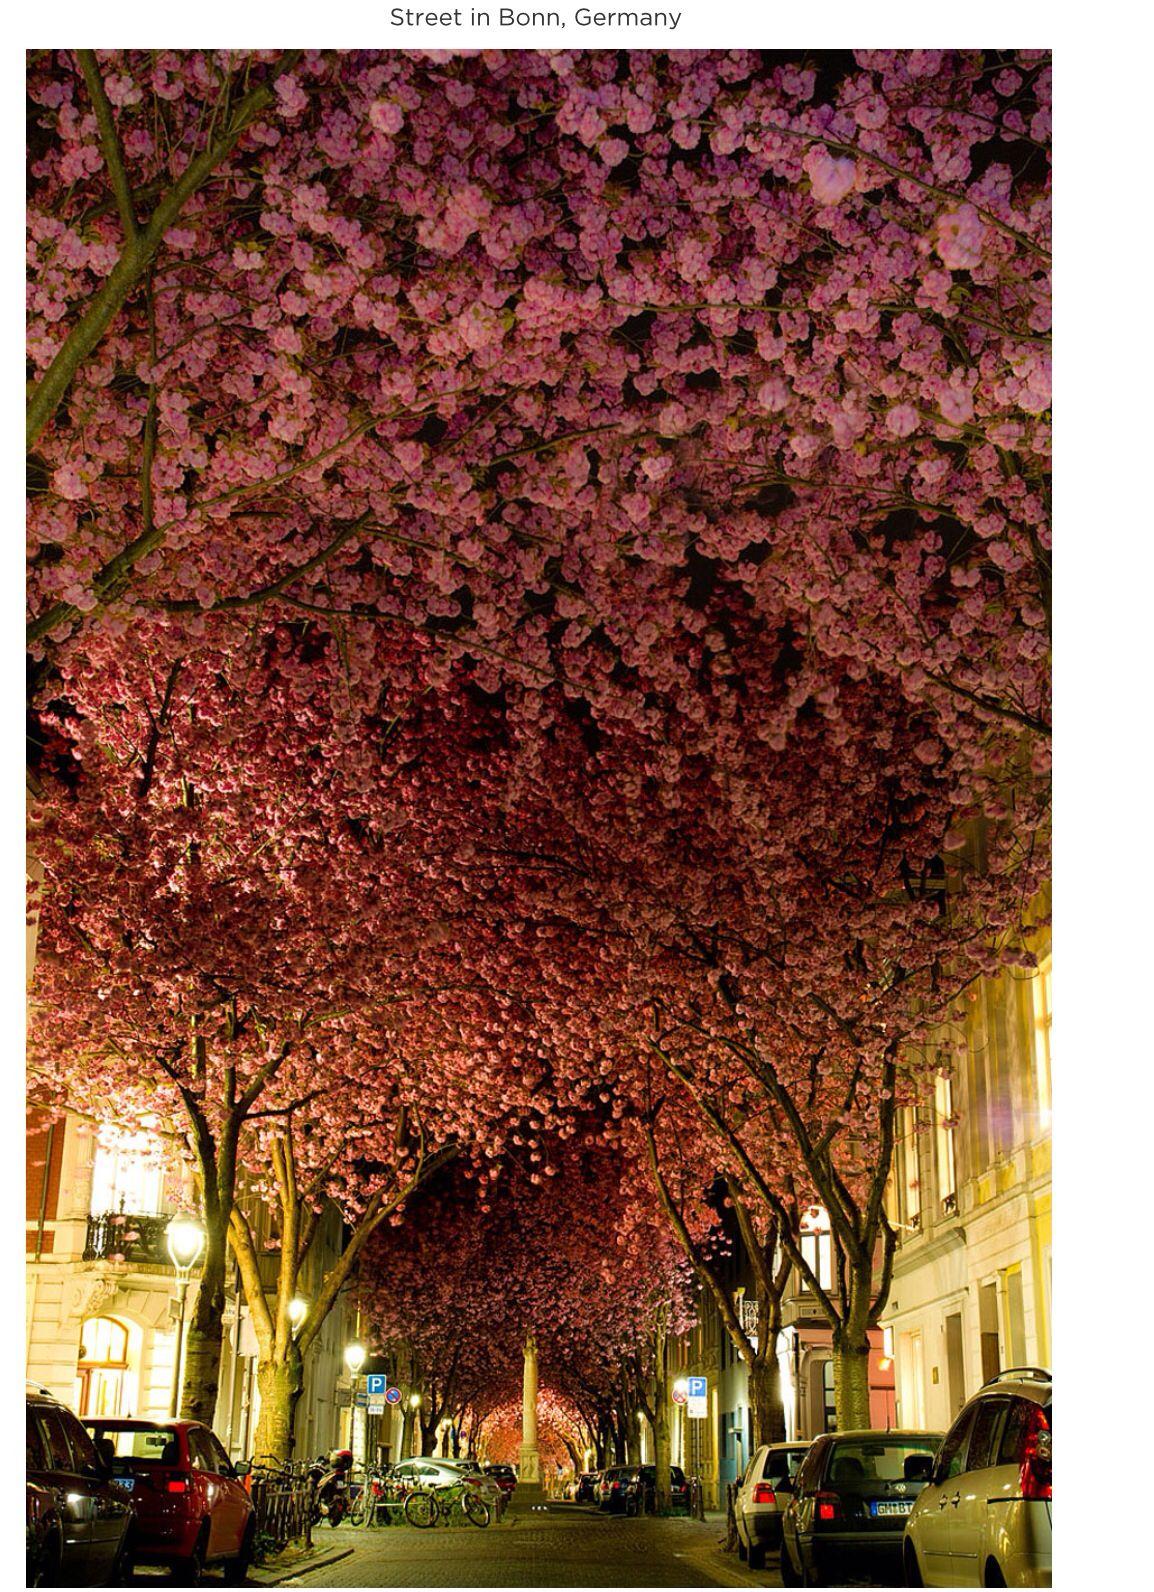 Street in Germany.